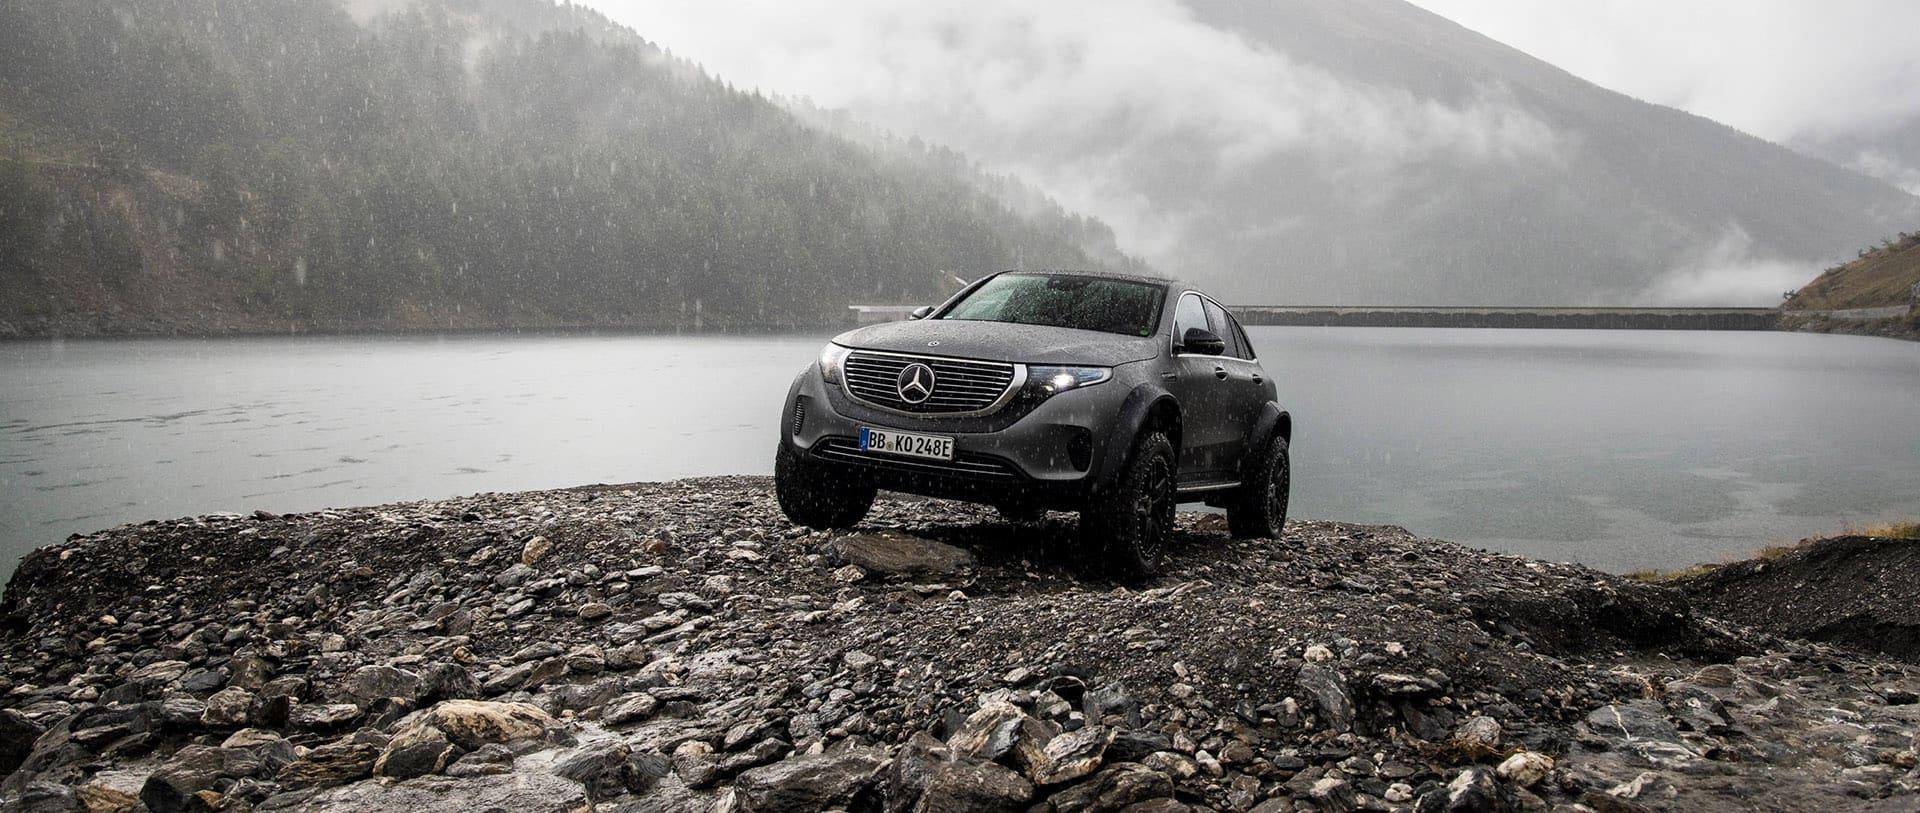 Mercedes-Benz EQC 4x4 – розкішний електромобіль для екстремальних пригод